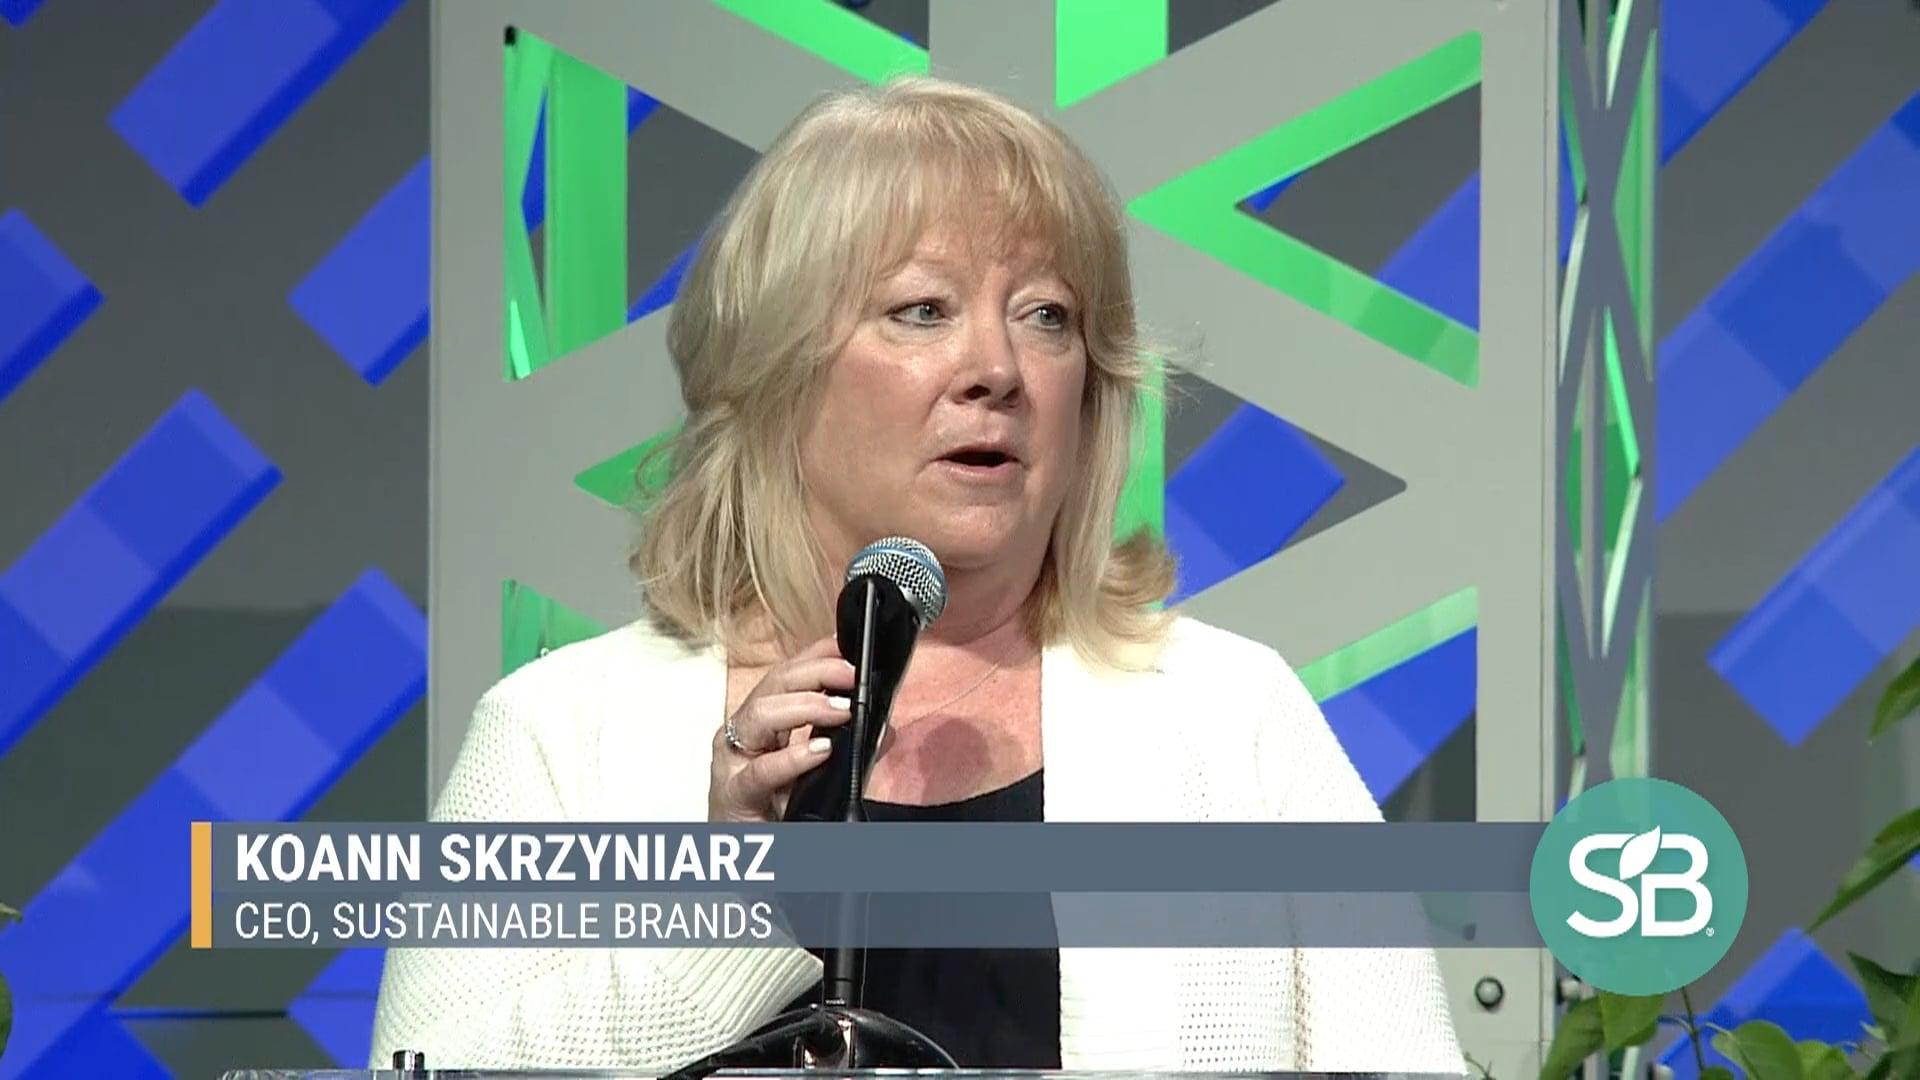 SB'19 Detroit Keynote / KoAnn Skrzyniarz - CEO, Sustainable Brands